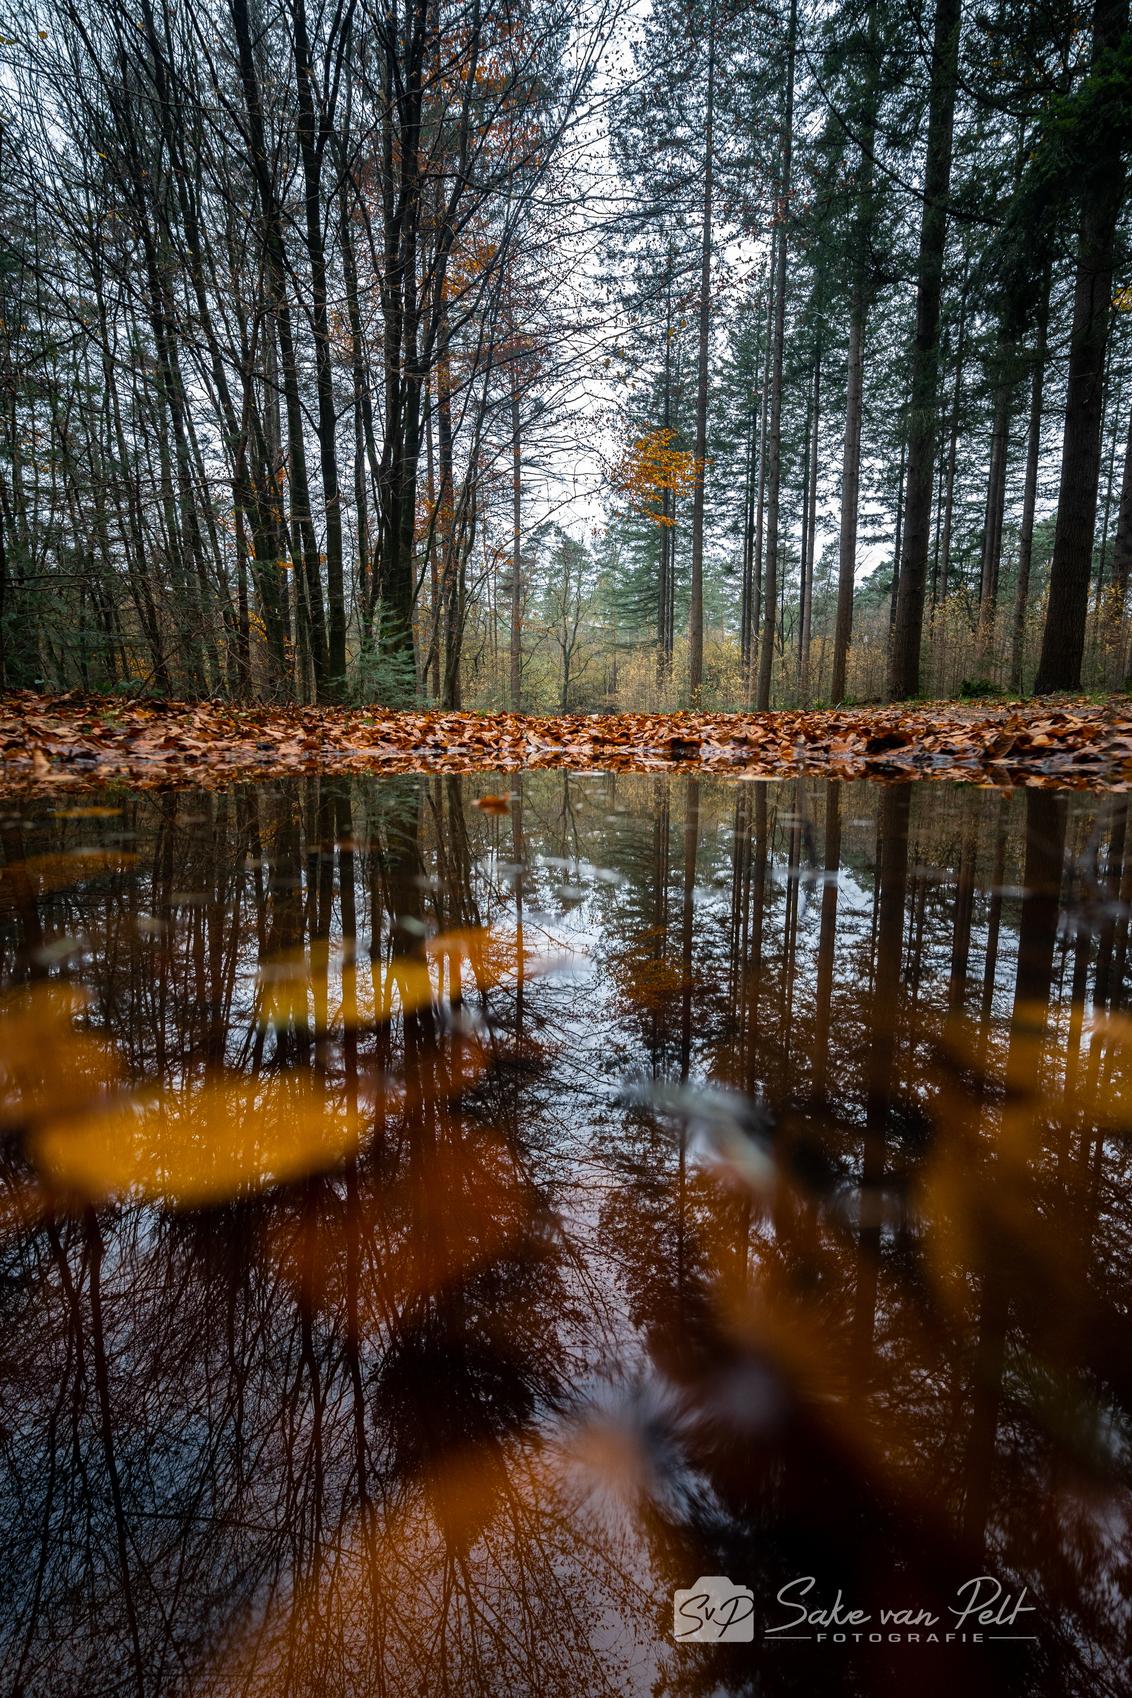 Herfstreflecties 2 - Deel twee van de reflecties. Deze foto heb ik gemaakt tijdens een wandeling door het Speulderbos. Het is wel lastig om zo laag te fotograferen terwij - foto door Sake-van-Pelt op 25-11-2020 - deze foto bevat: groen, lucht, wolken, spiegel, zon, boom, bladeren, water, natuur, bruin, druppel, geel, licht, herfst, blad, spiegeling, reflectie, landschap, bos, tegenlicht, nederland, reflecties, speulderbos, seizoen, seizoenen, beuken, dennenbomen